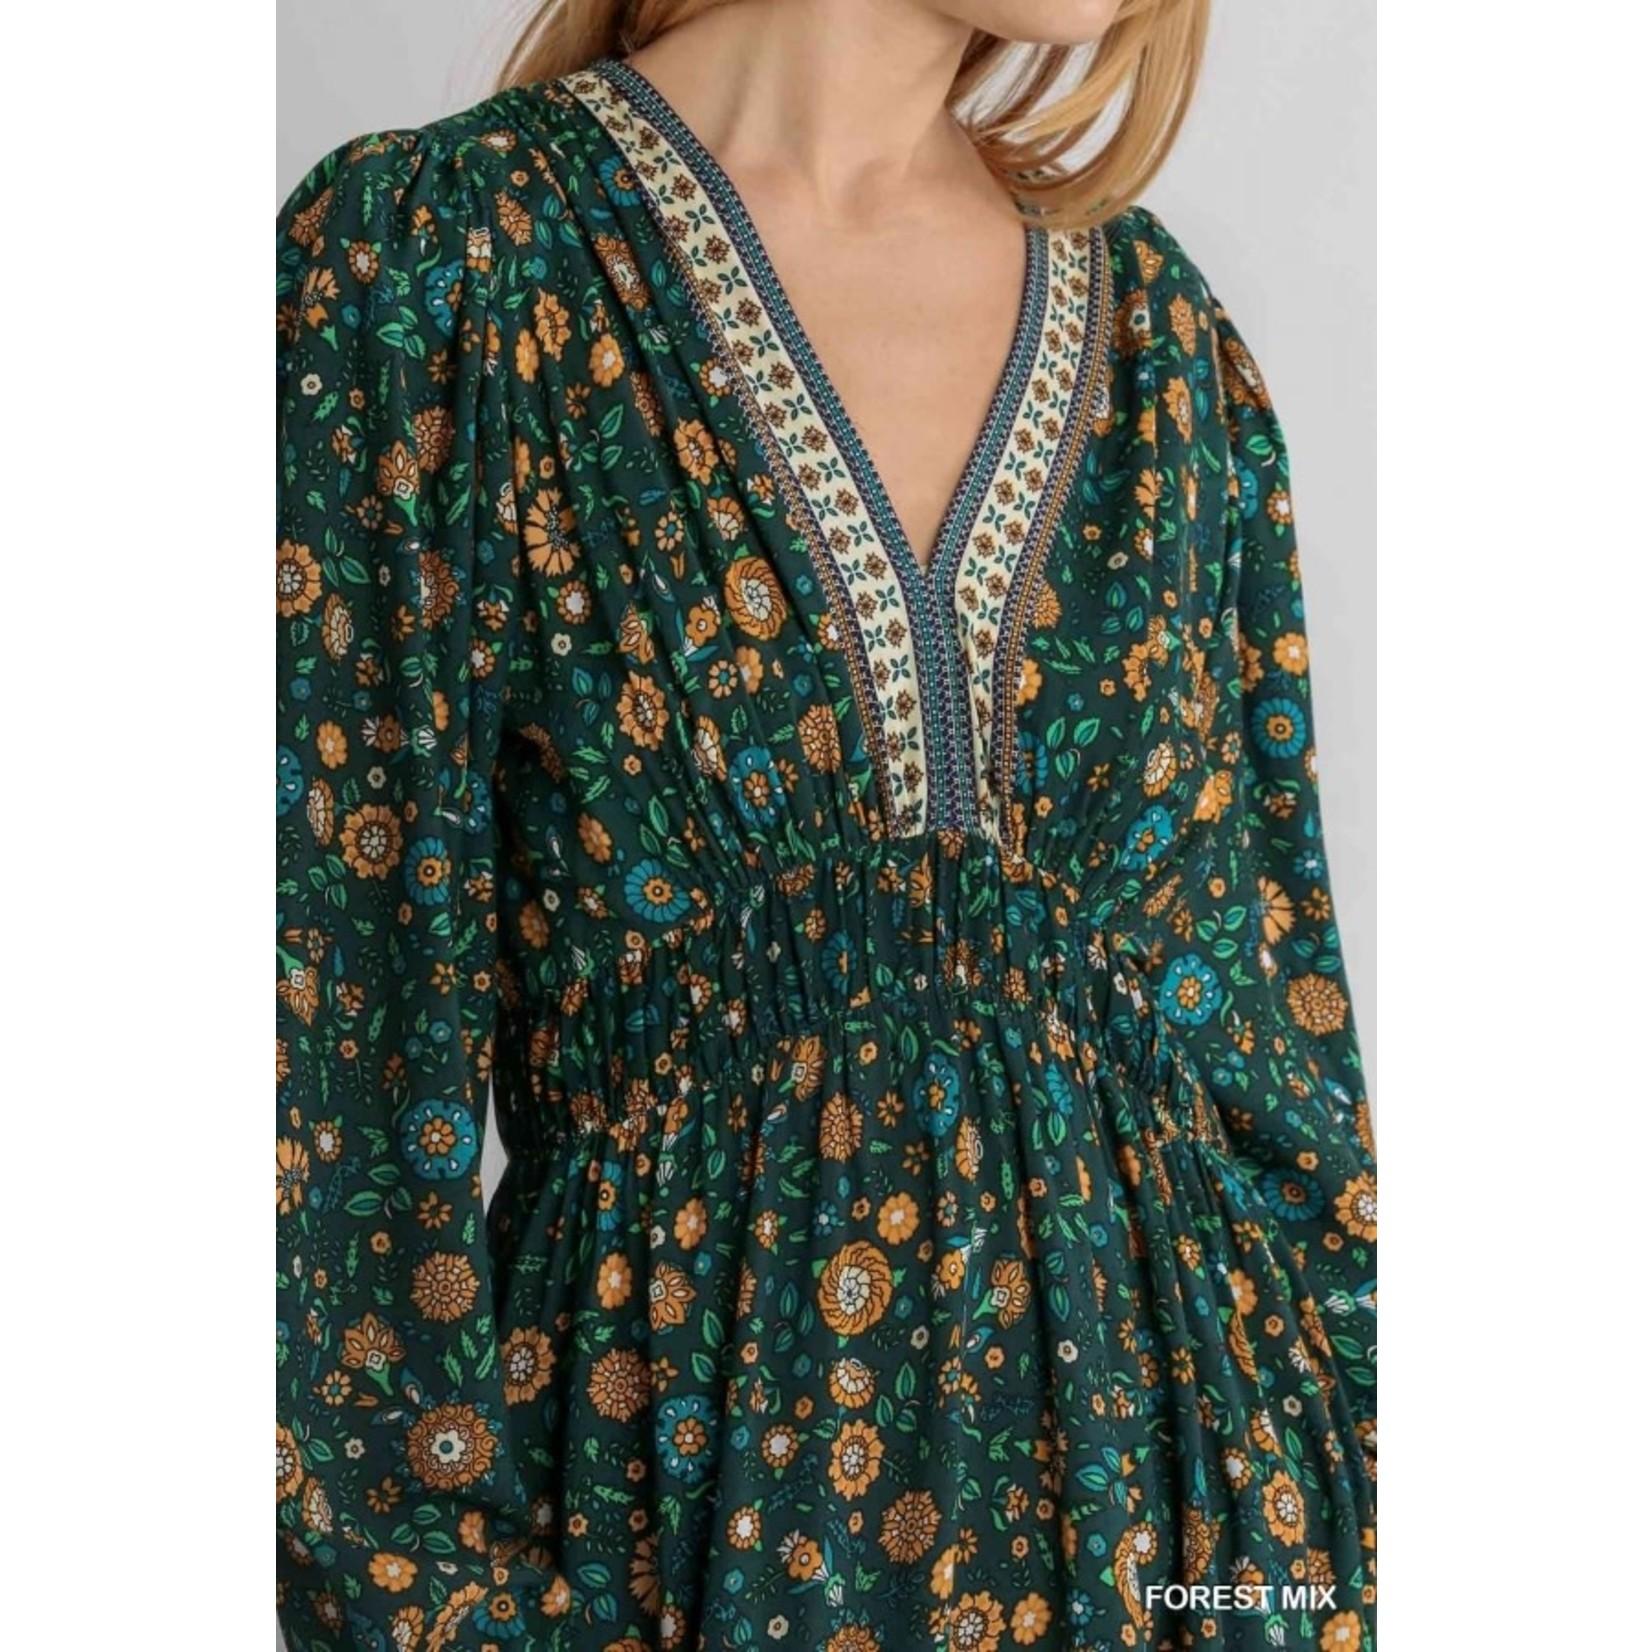 Umgee Forest Floral  Print V-Neck Babydoll Dress